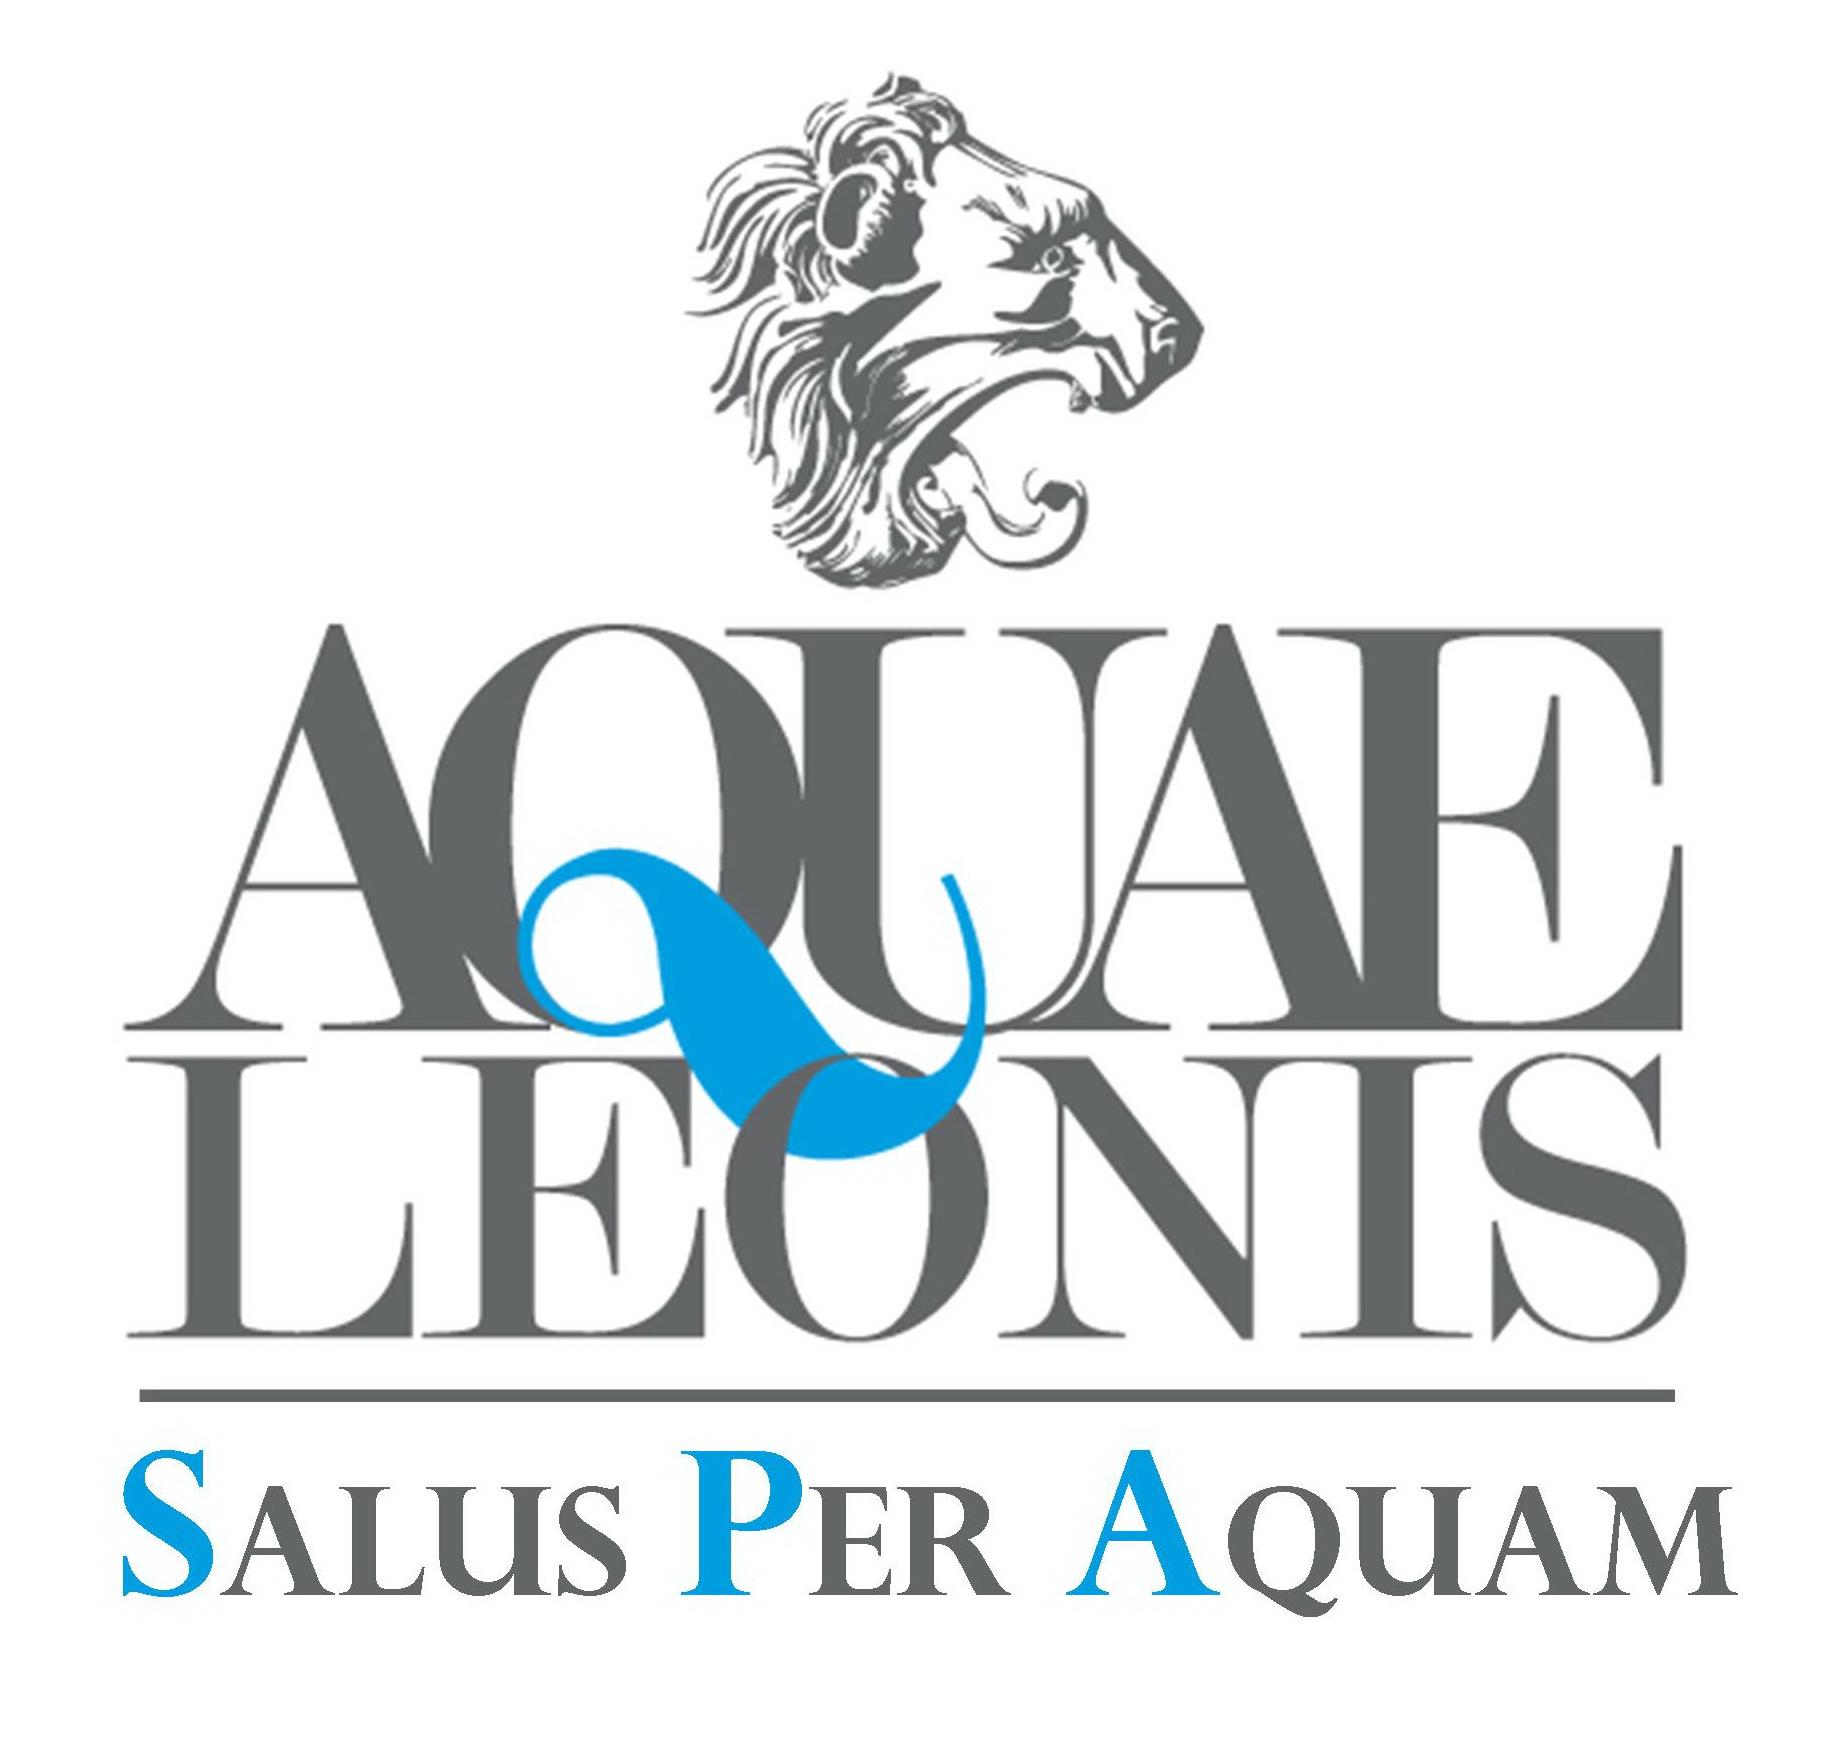 ACQUAE LEONIS JPG